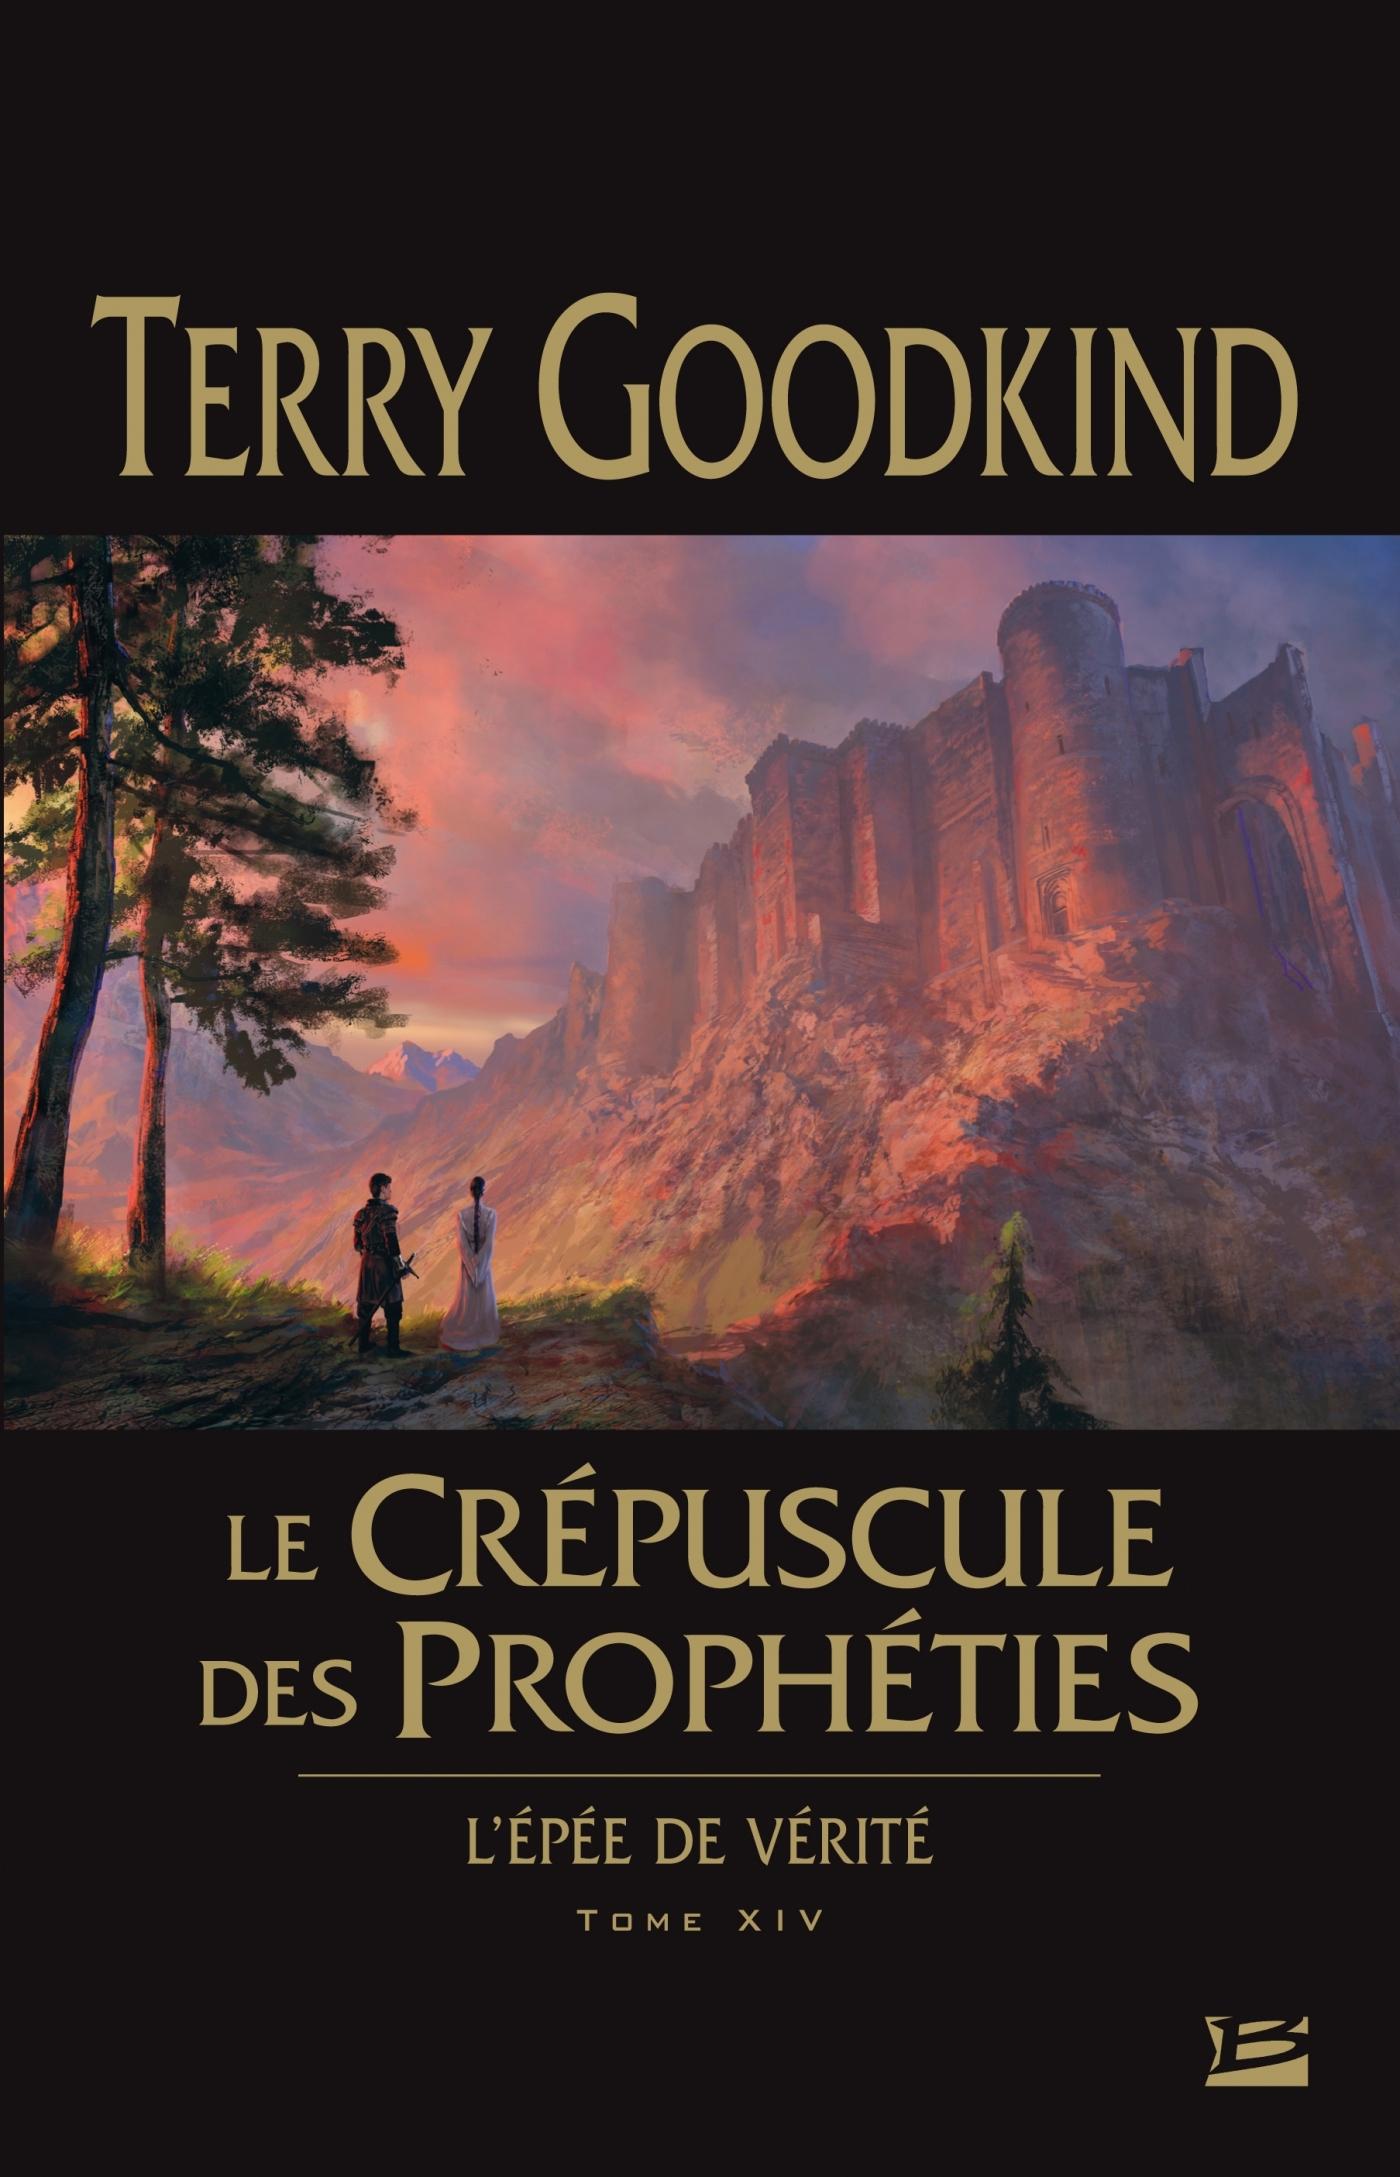 L'EPEE DE VERITE T14 LE CREPUSCULE DES PROPHETIES